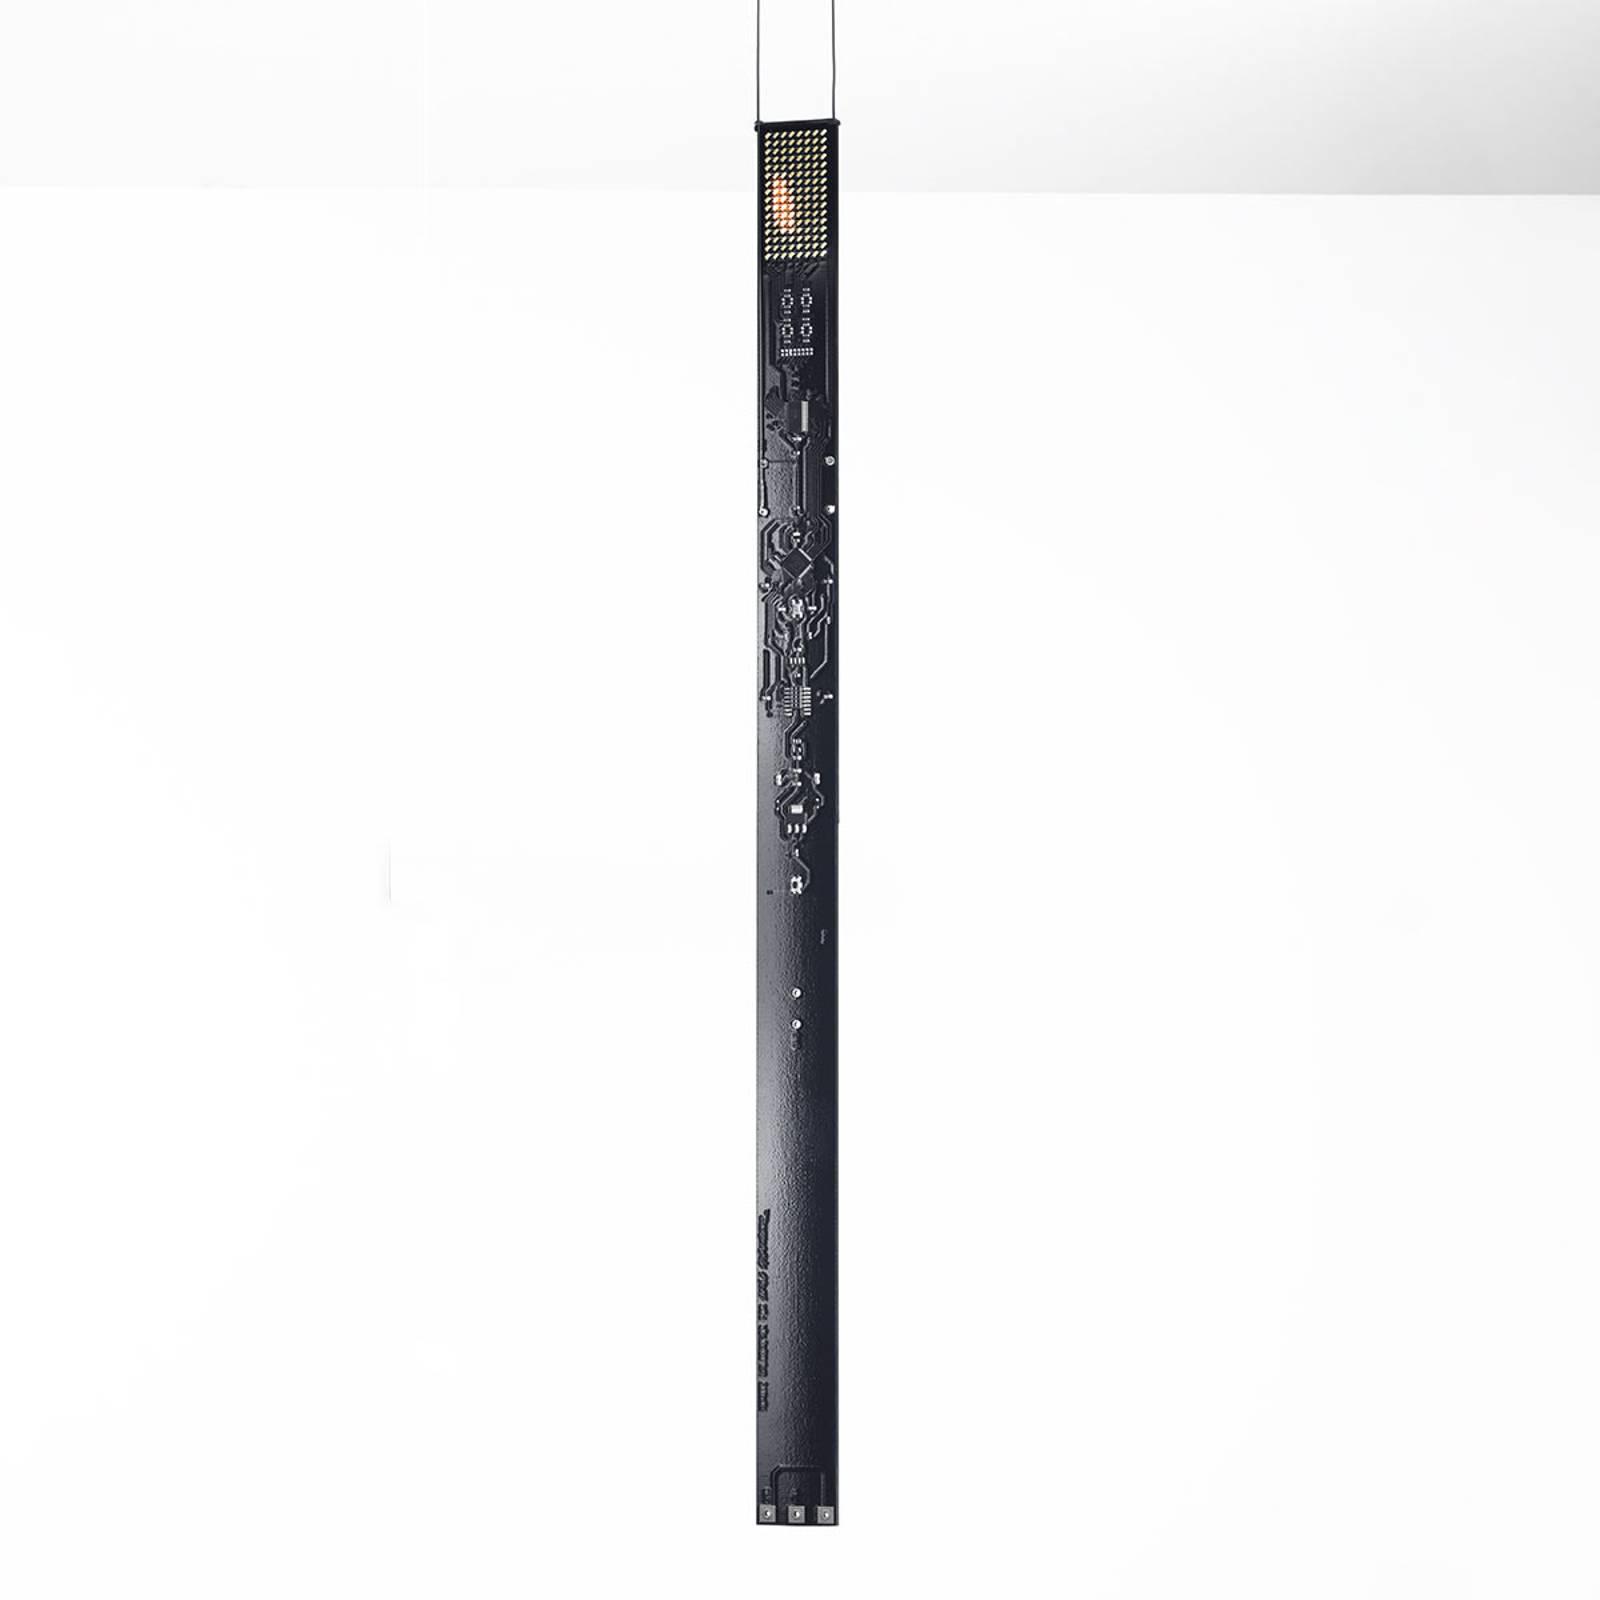 Ingo Maurer One New Flame LED-riippuvalaisin musta